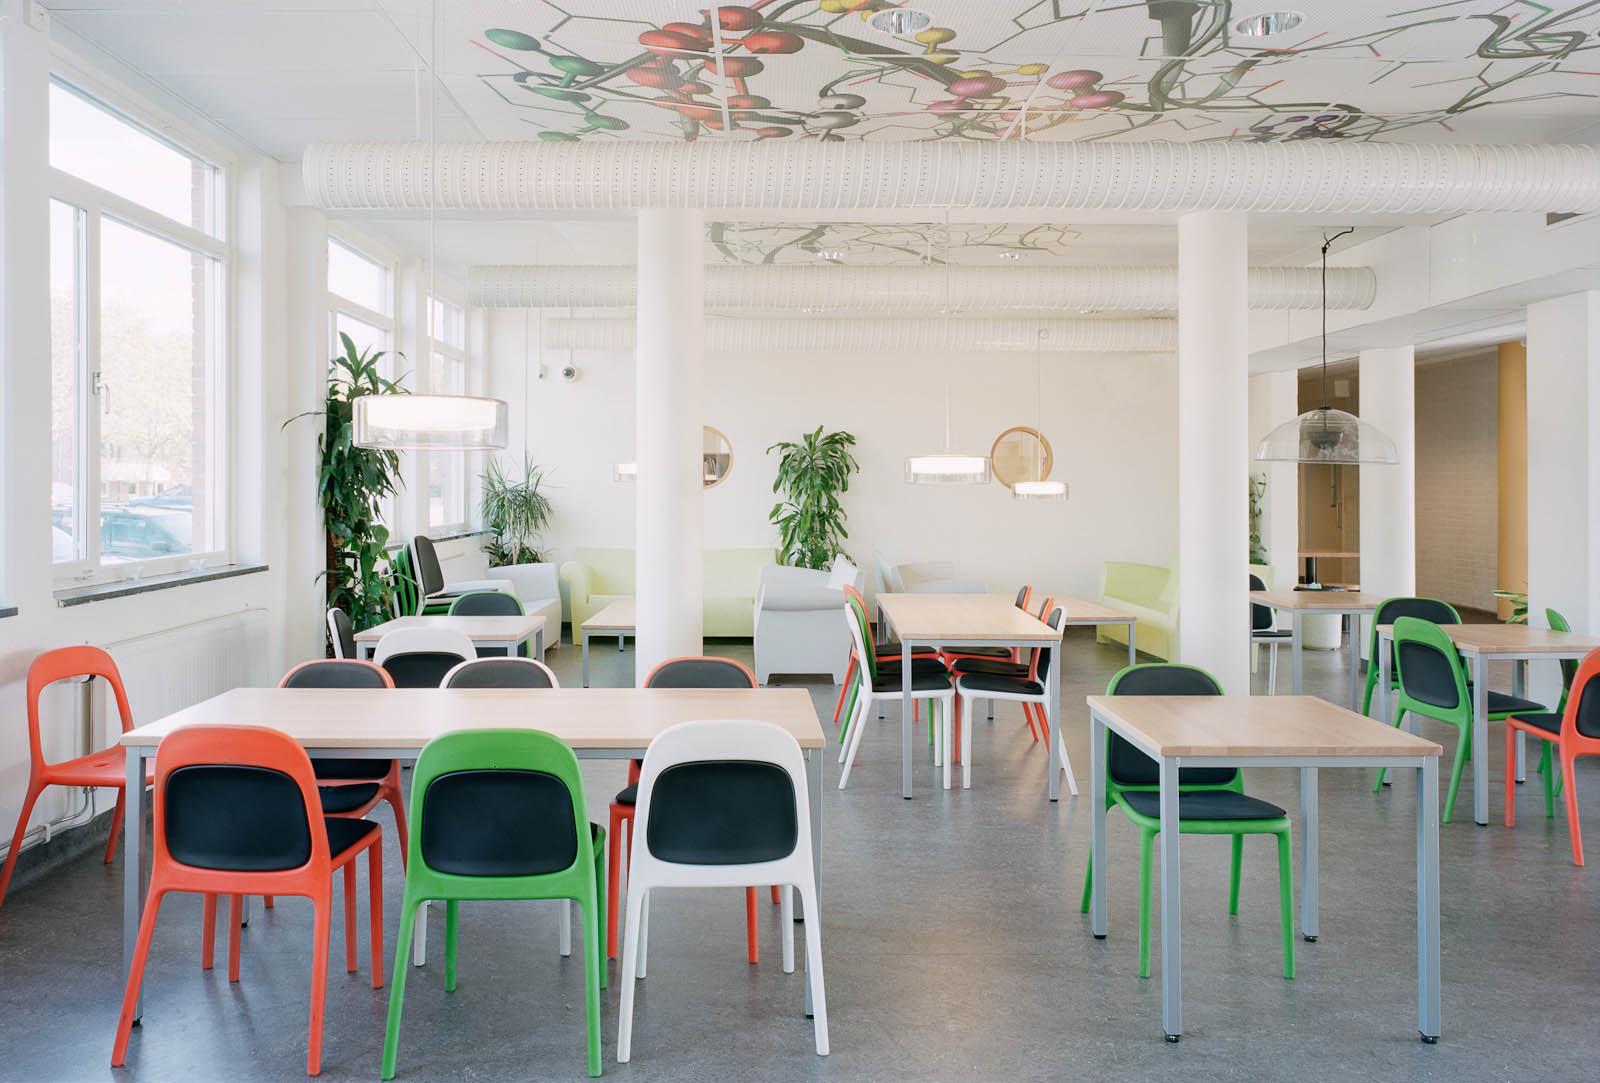 Ett klassrum. Marjetica Potrc och STEALTH, Fruit and Energy Farms in a Public